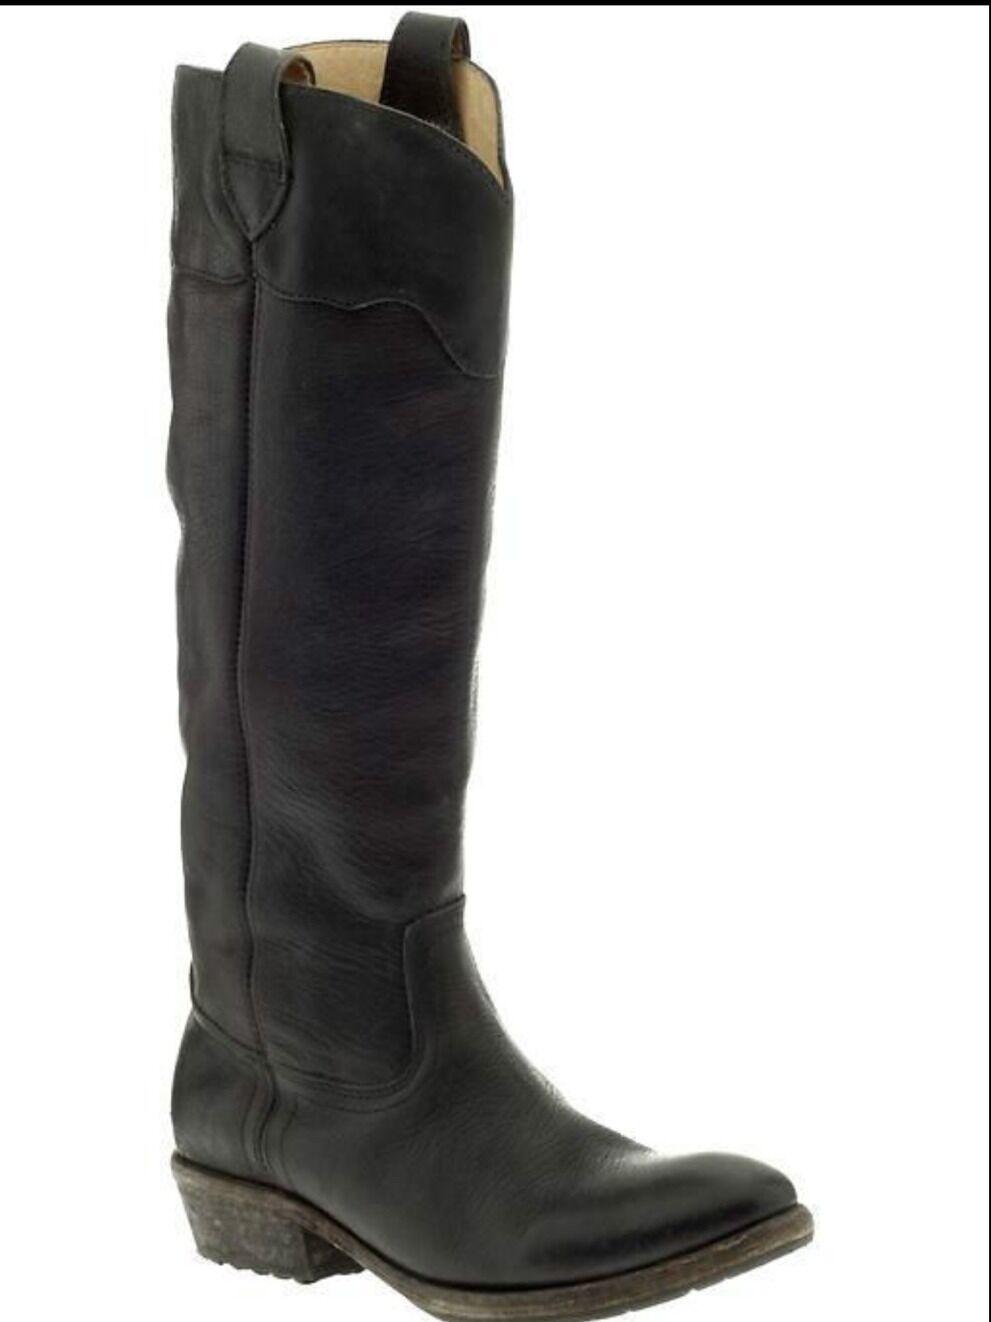 Frye botas botas botas Carson Lug Equitación Tire de la antigüedad con aspecto envejecido Negro Cuero Talla 6  398  calidad de primera clase